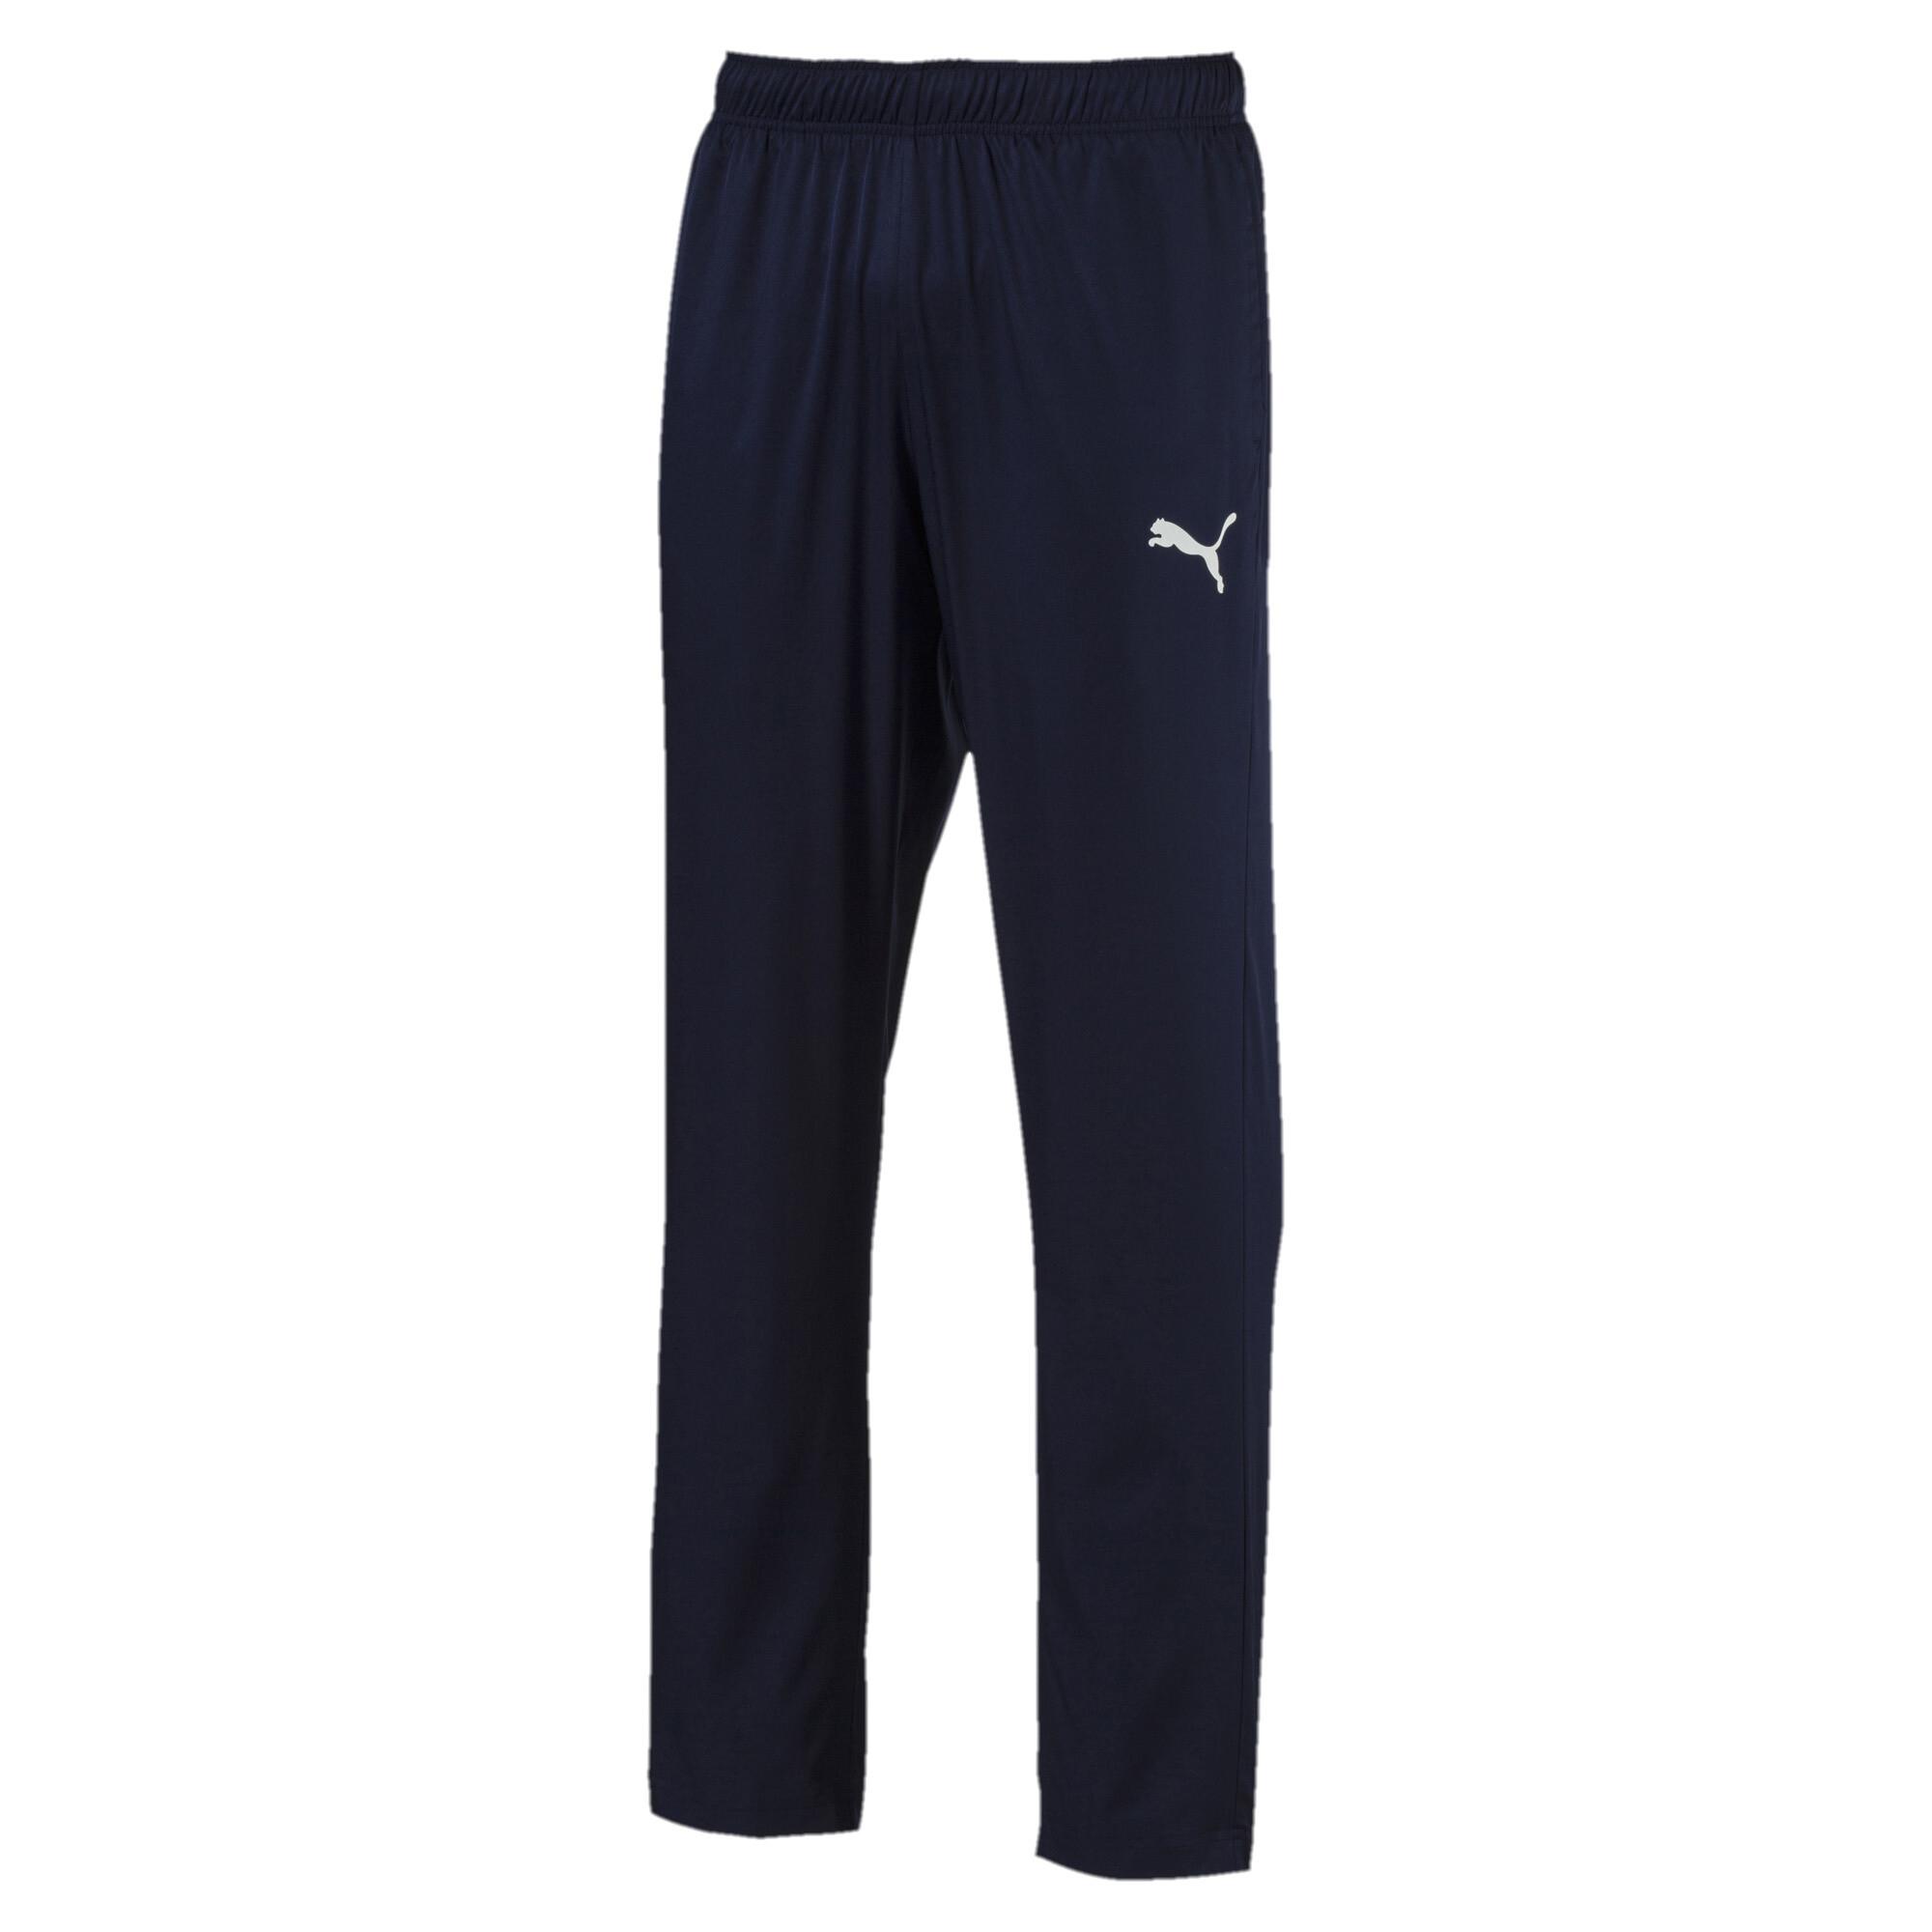 Image Puma Active Woven Men's Pants #1